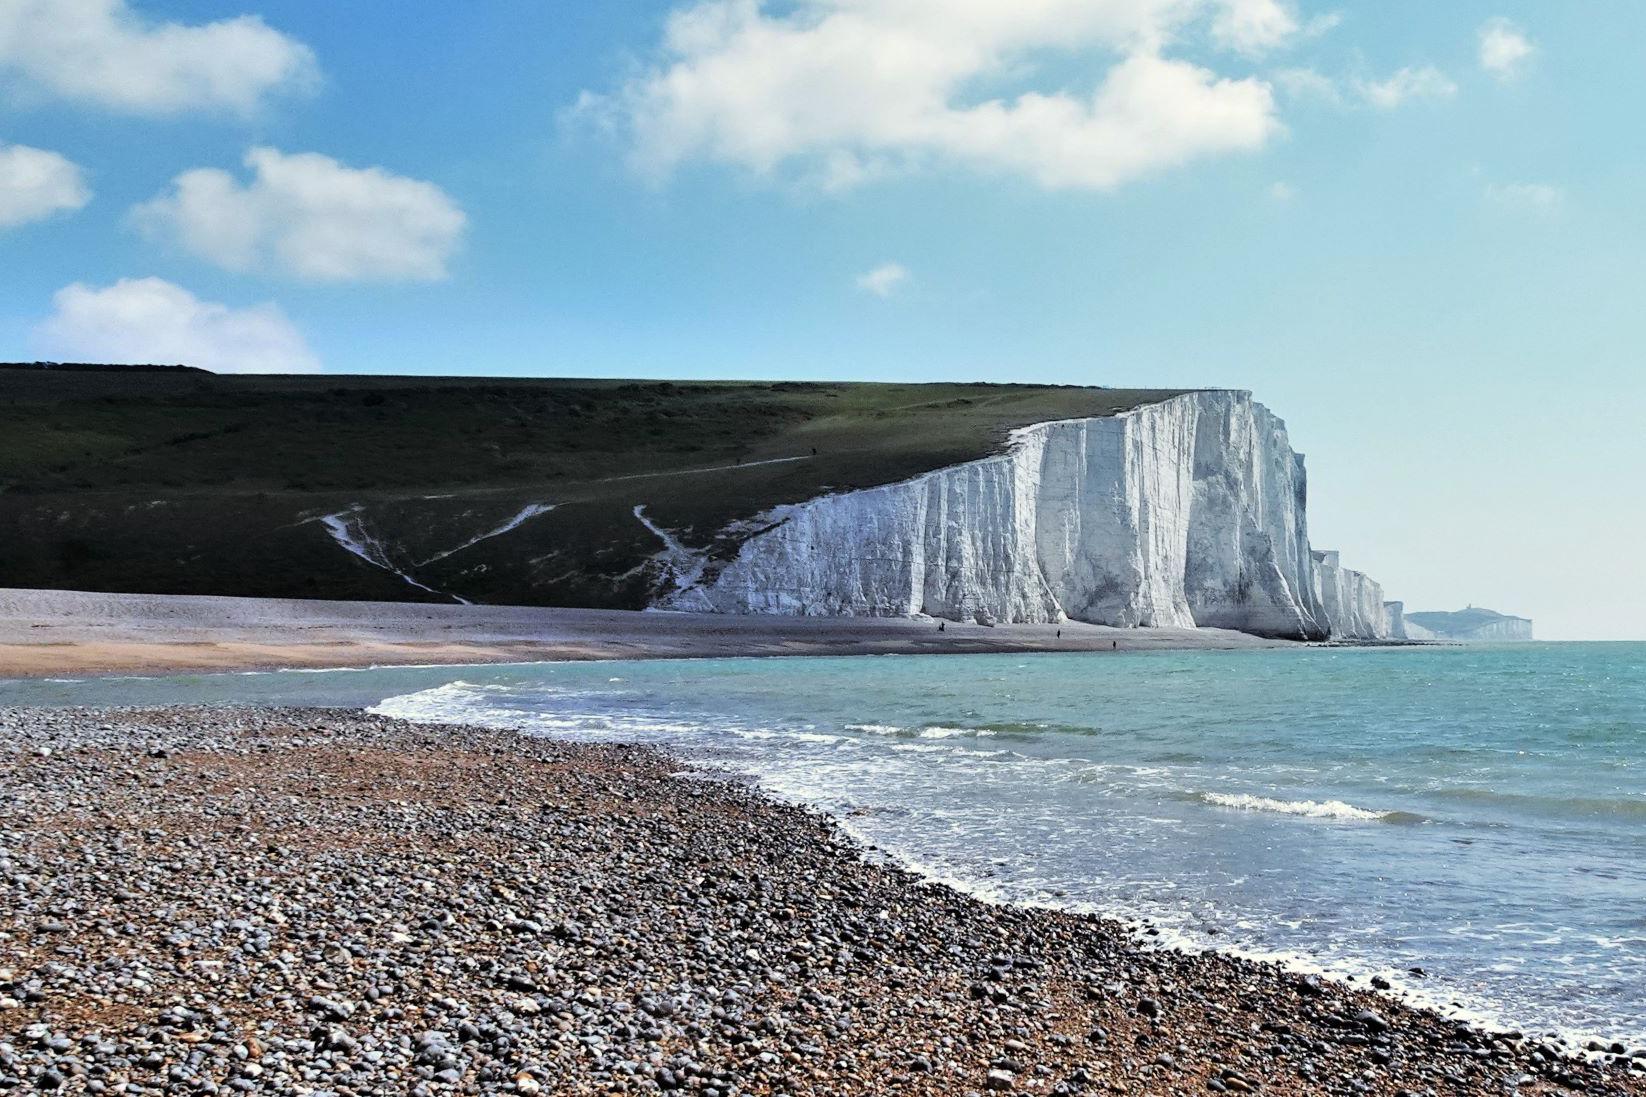 【2020更新版】幾月去英國玩最適合?英國的天氣與春夏秋冬特色活動的旅行指南